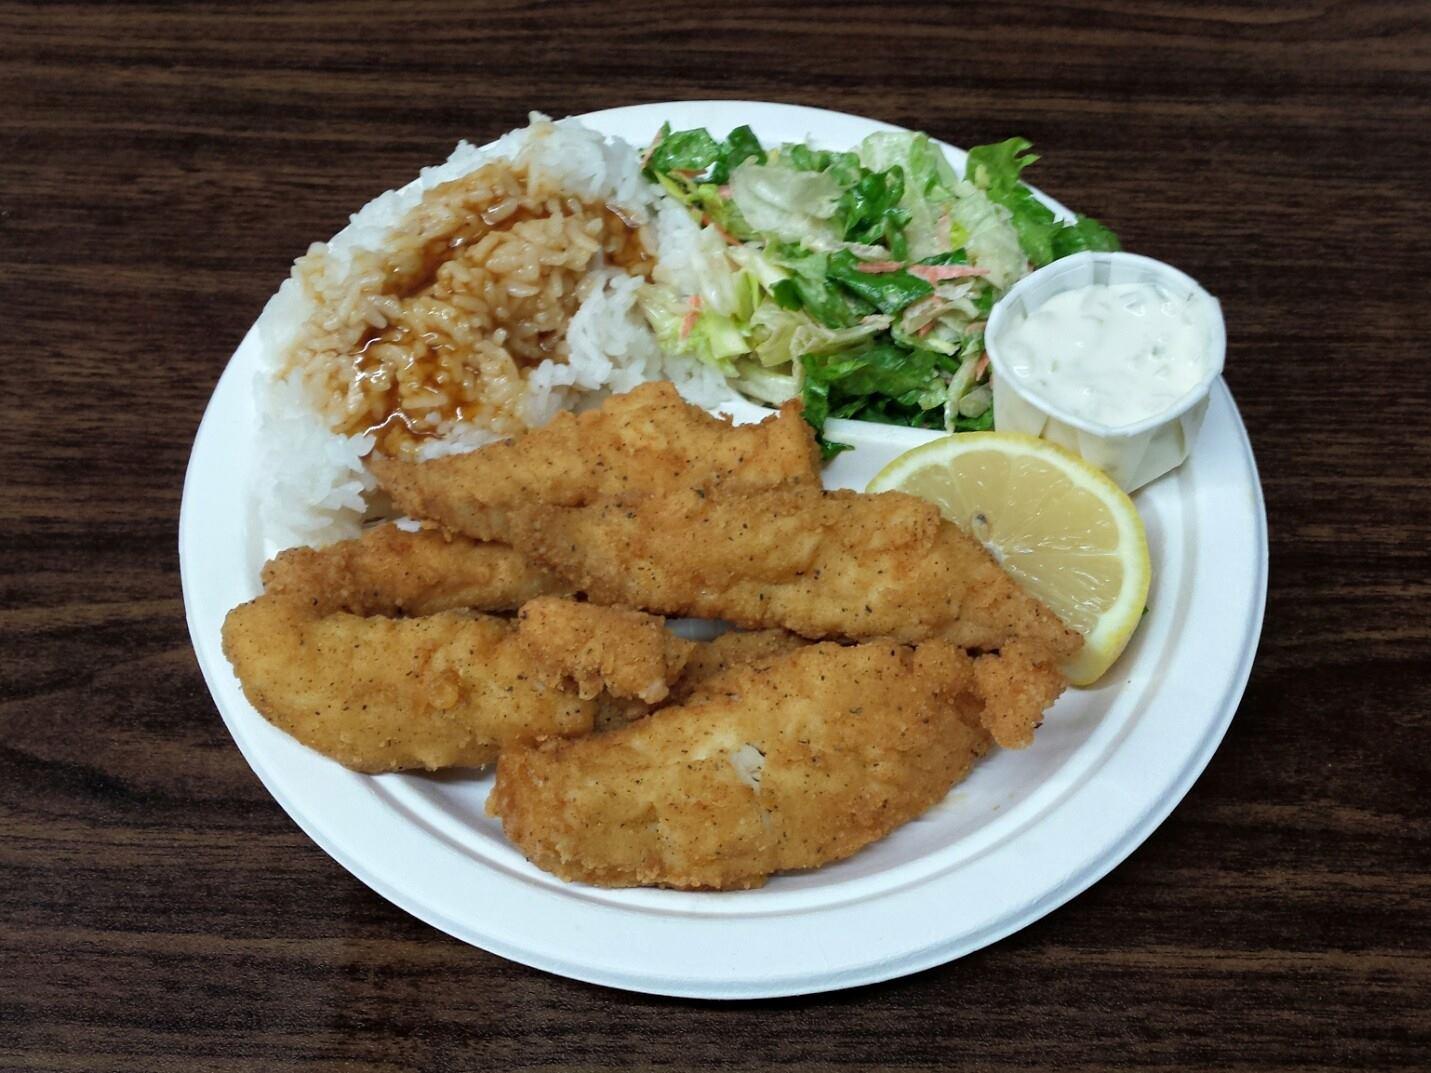 Otani's Fish Market & Restaurant